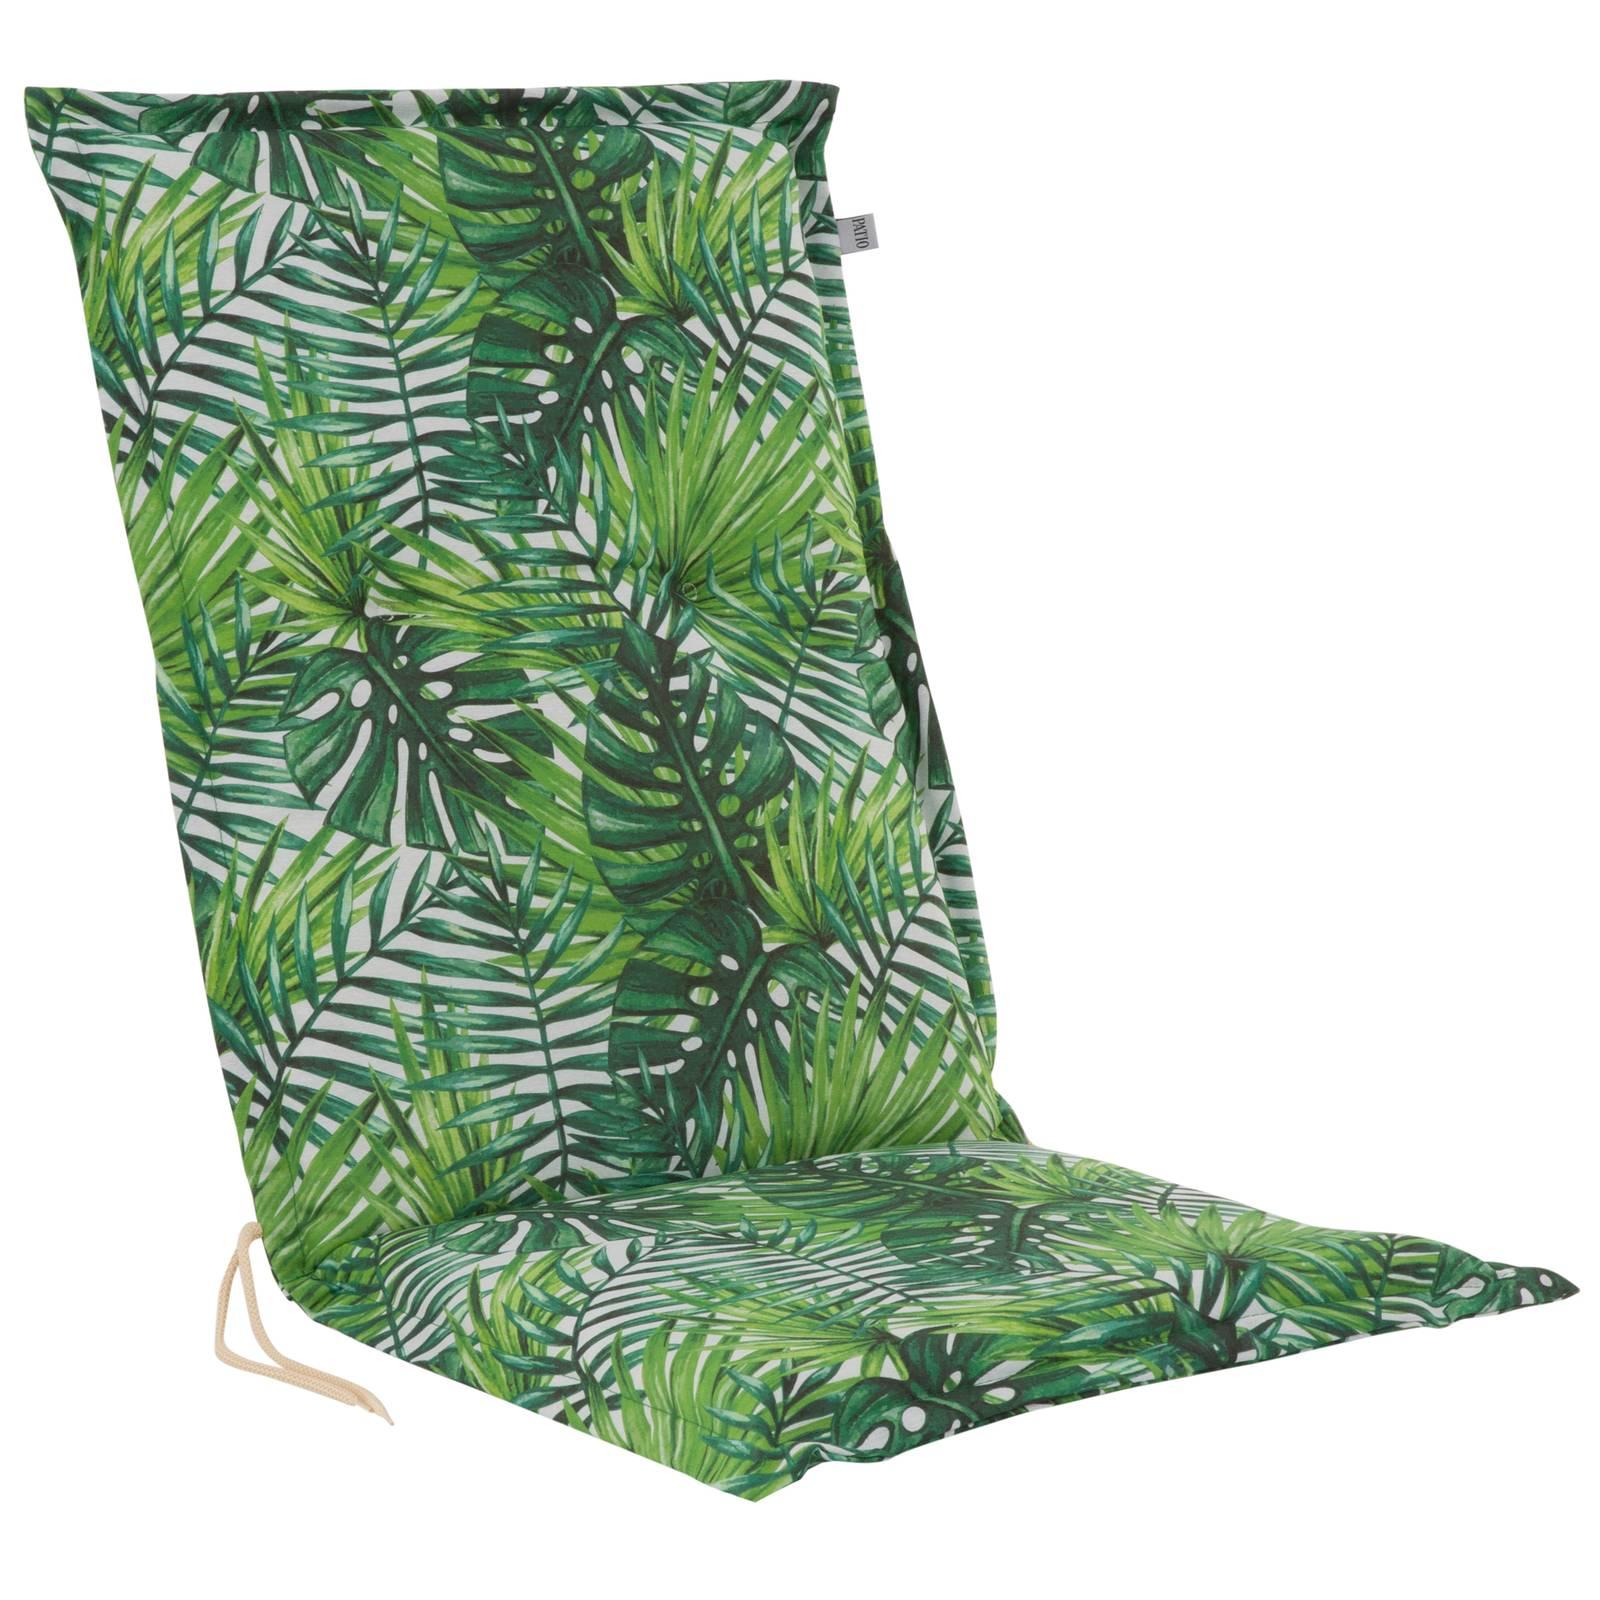 Poduszka na krzesło Malezja Niedrig 5 cm G035-02LB PATIO